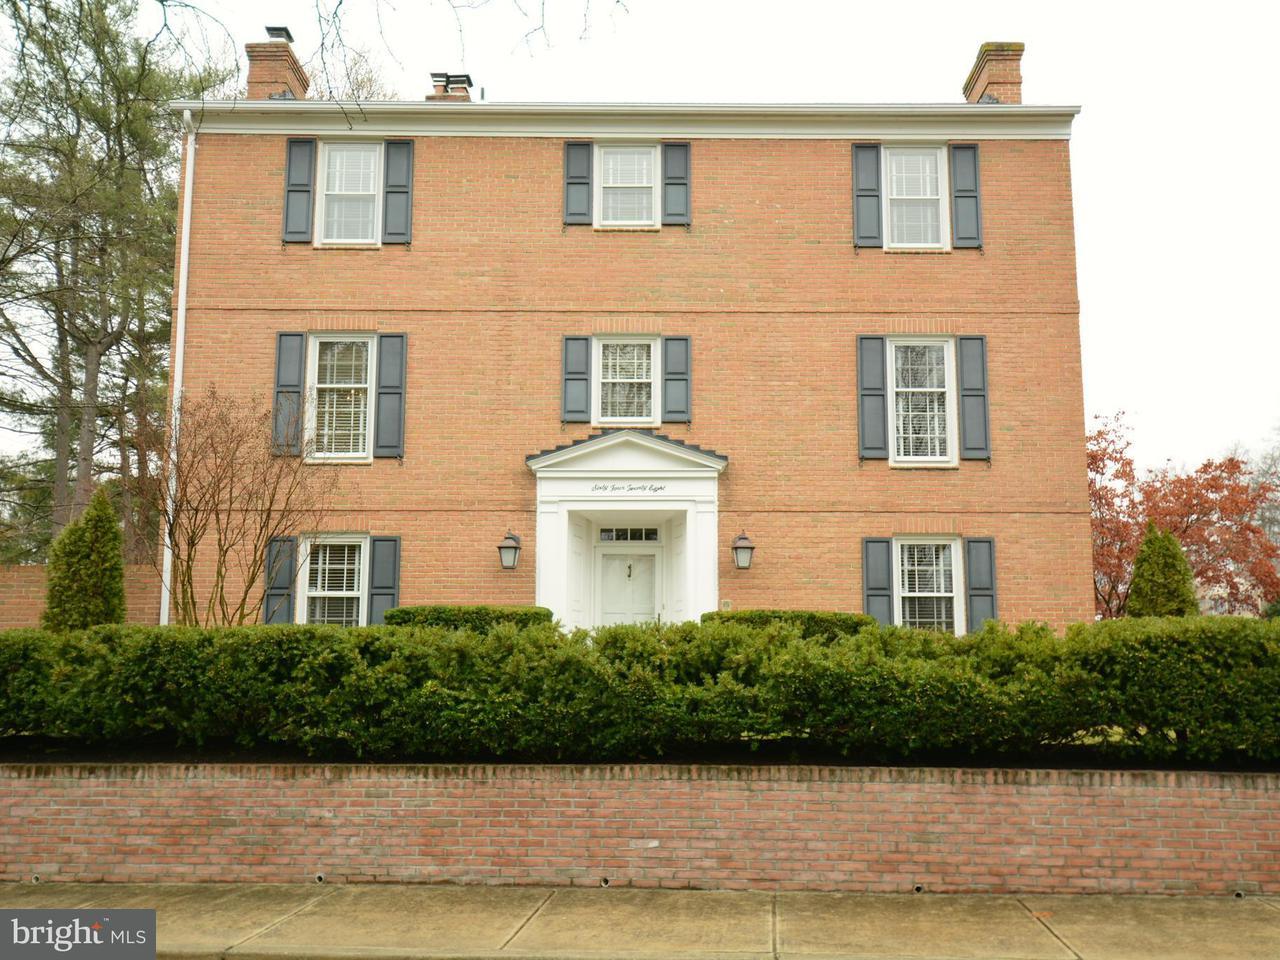 タウンハウス のために 売買 アット 6428 Wainfleet Court 6428 Wainfleet Court Springfield, バージニア 22152 アメリカ合衆国